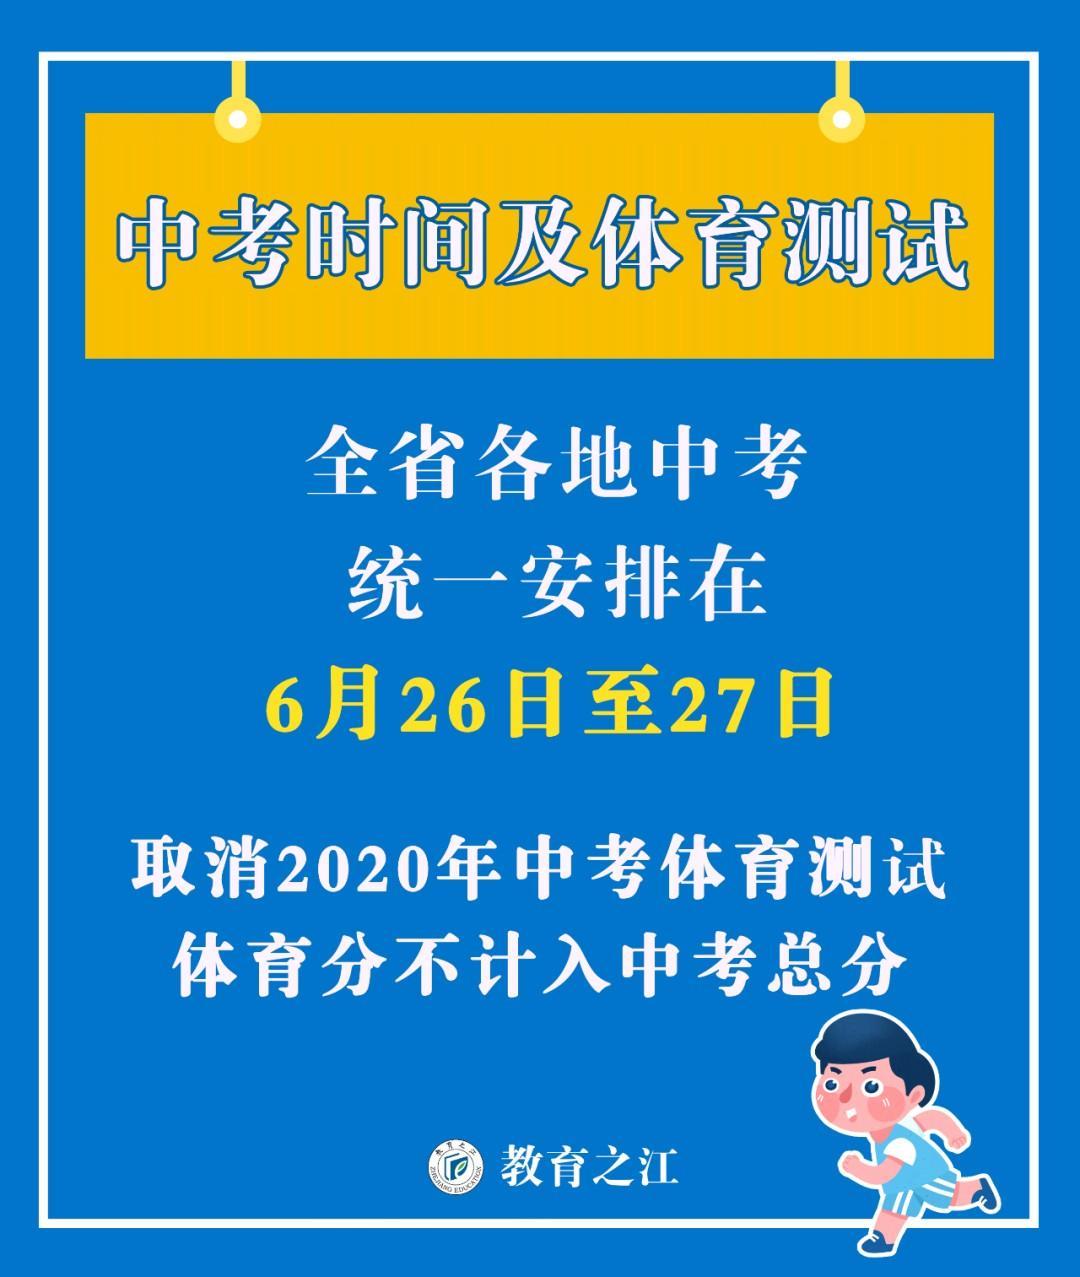 最新!今年浙江中考时间定了,中考体育测试取消!